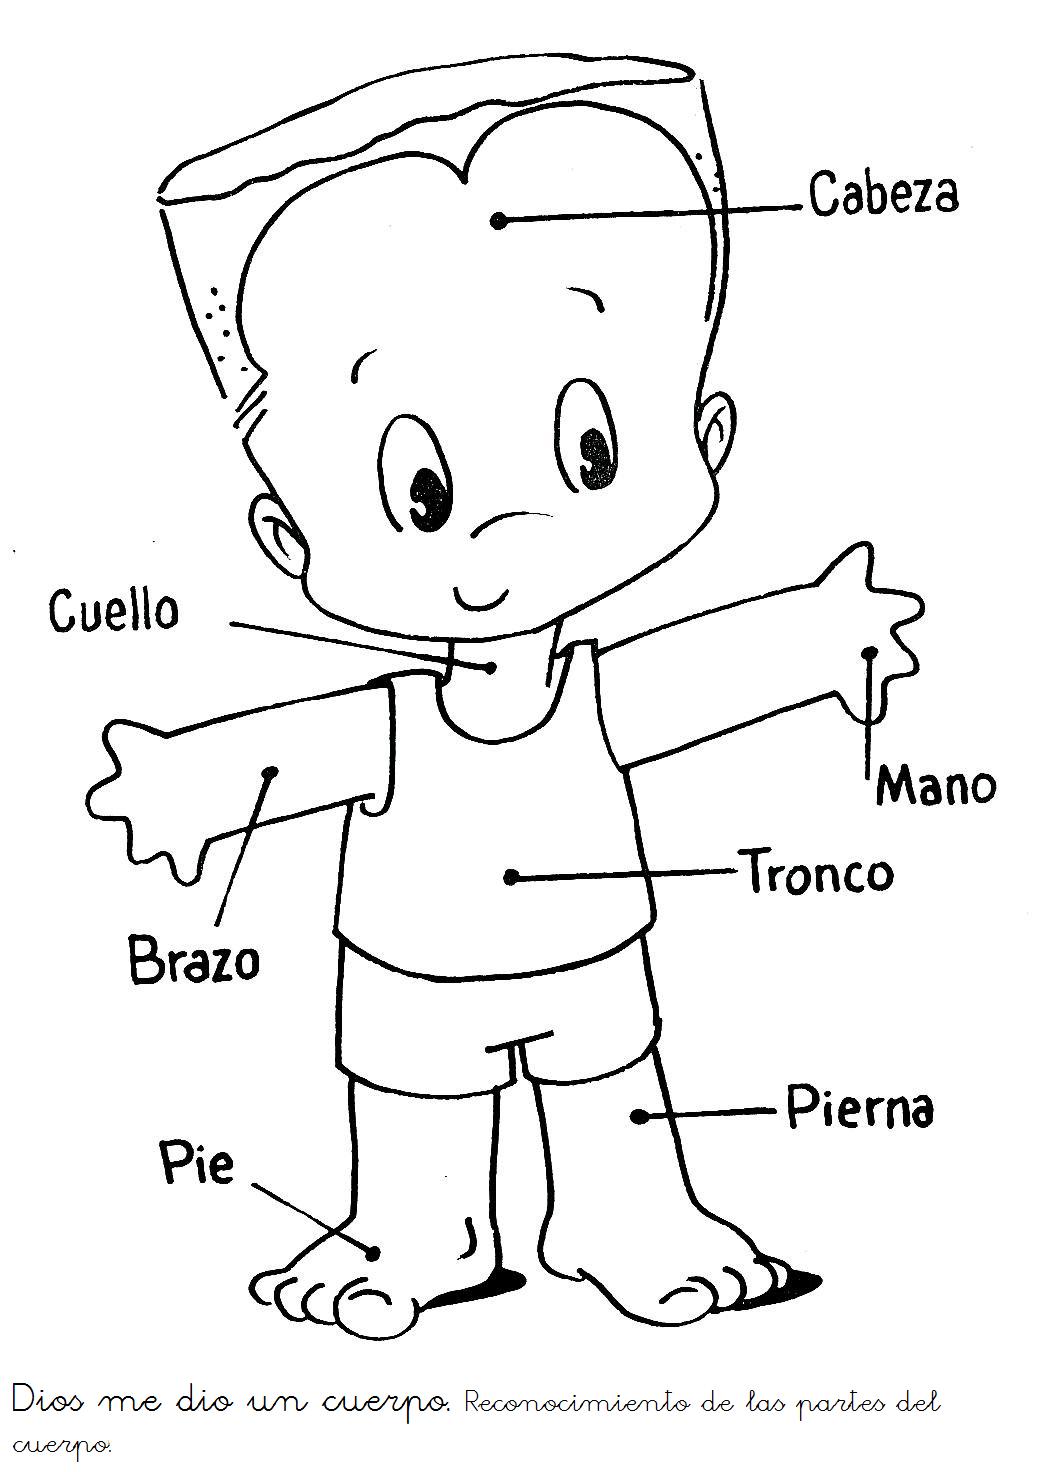 Cuerpo Nina Nino La De Y De Silueta Dibujos Del